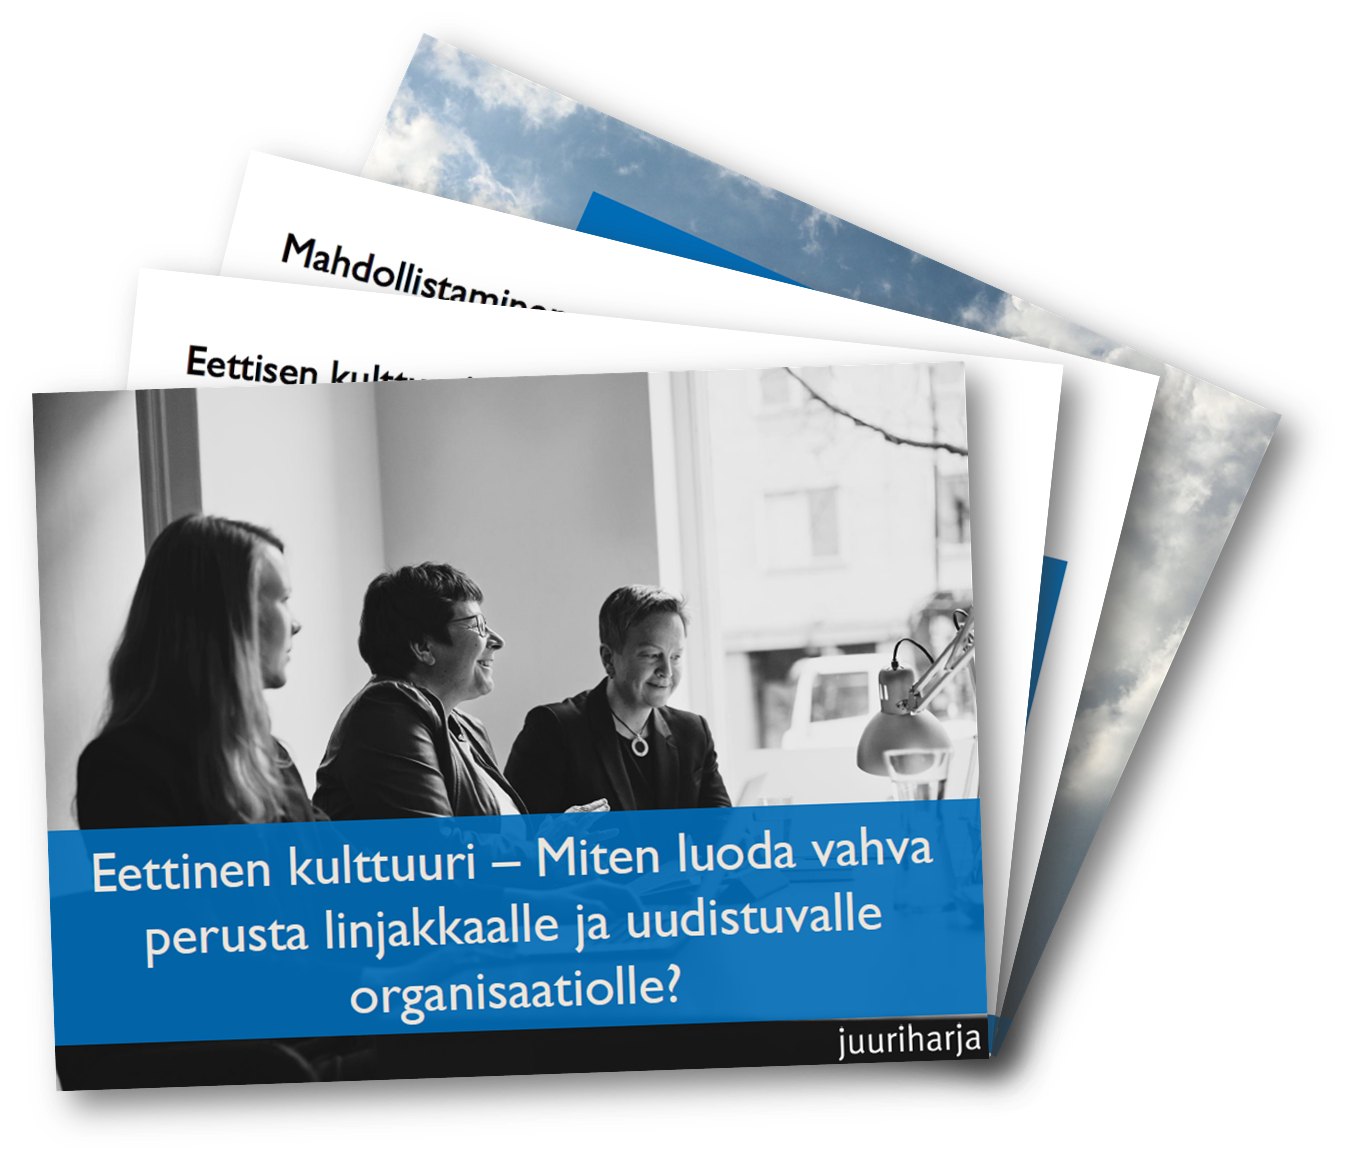 Eettinen kulttuuri - Miten luoda vahva perusta linjakkaalle ja uudistuvalle organisaatiolle?